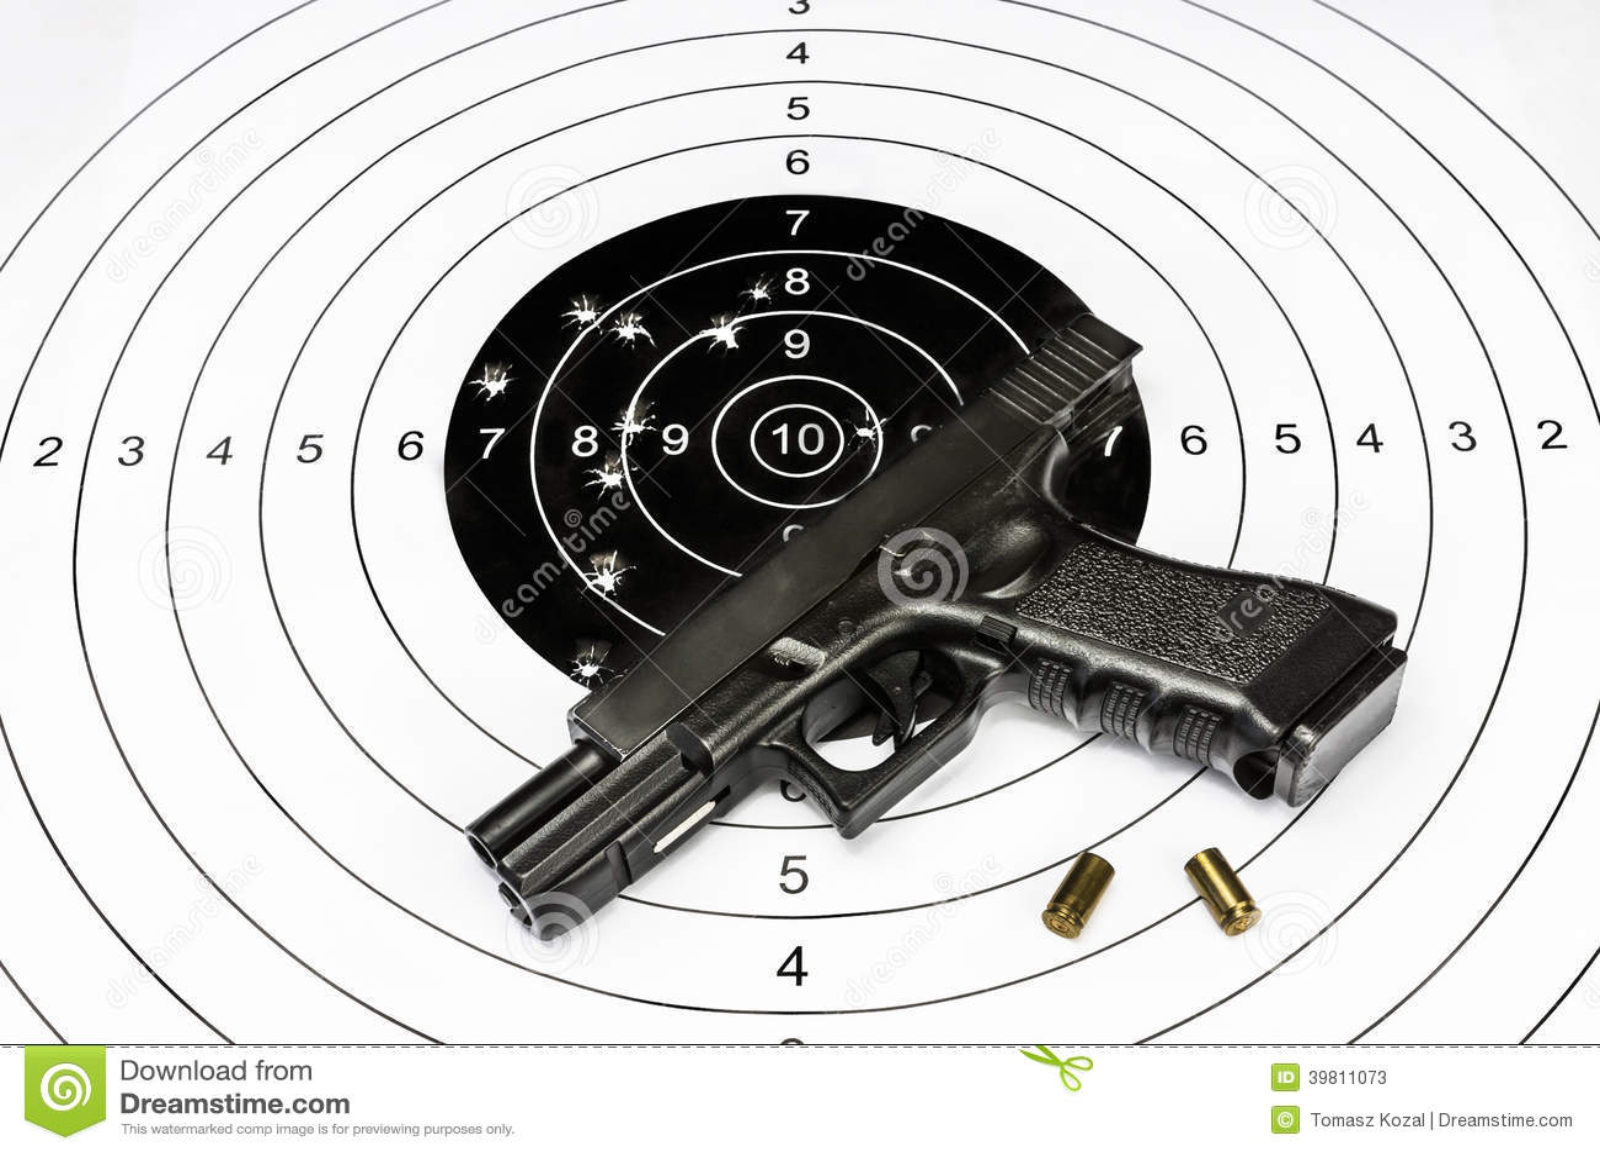 funny shooting targets to print